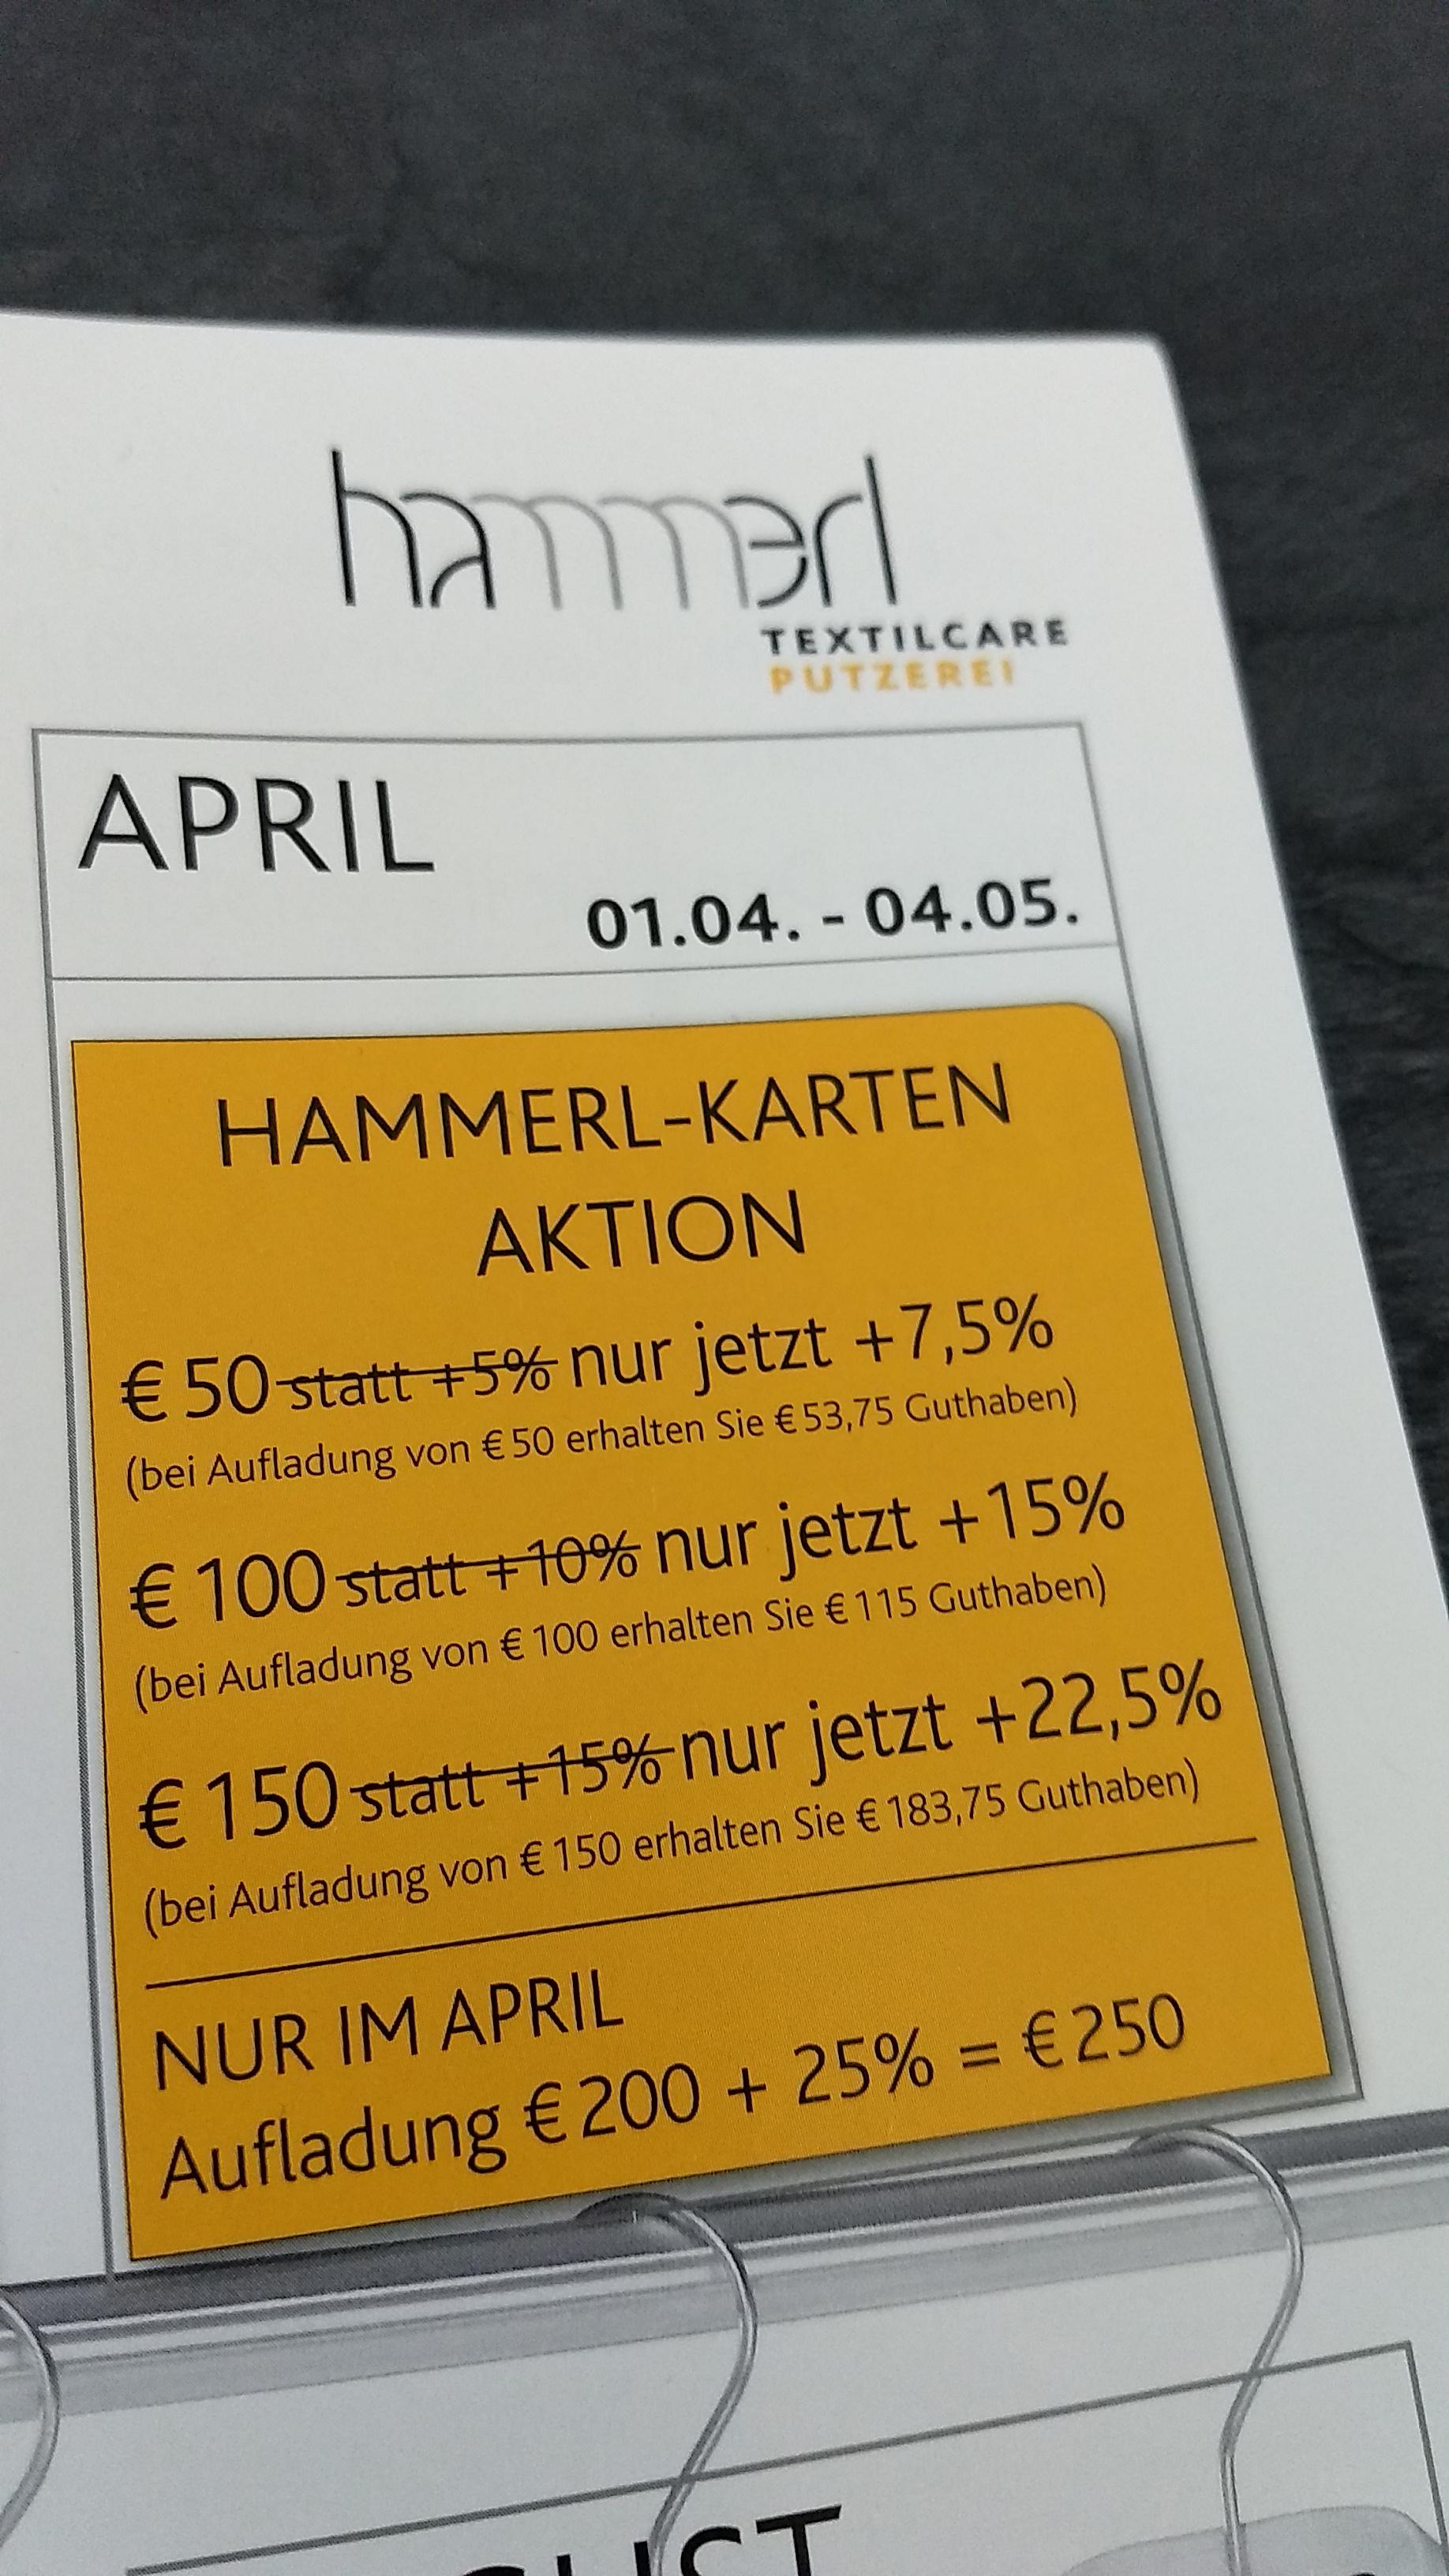 Putzerei Hammerl: bis zu € 50,- geschenkt bei Kartenaufladung